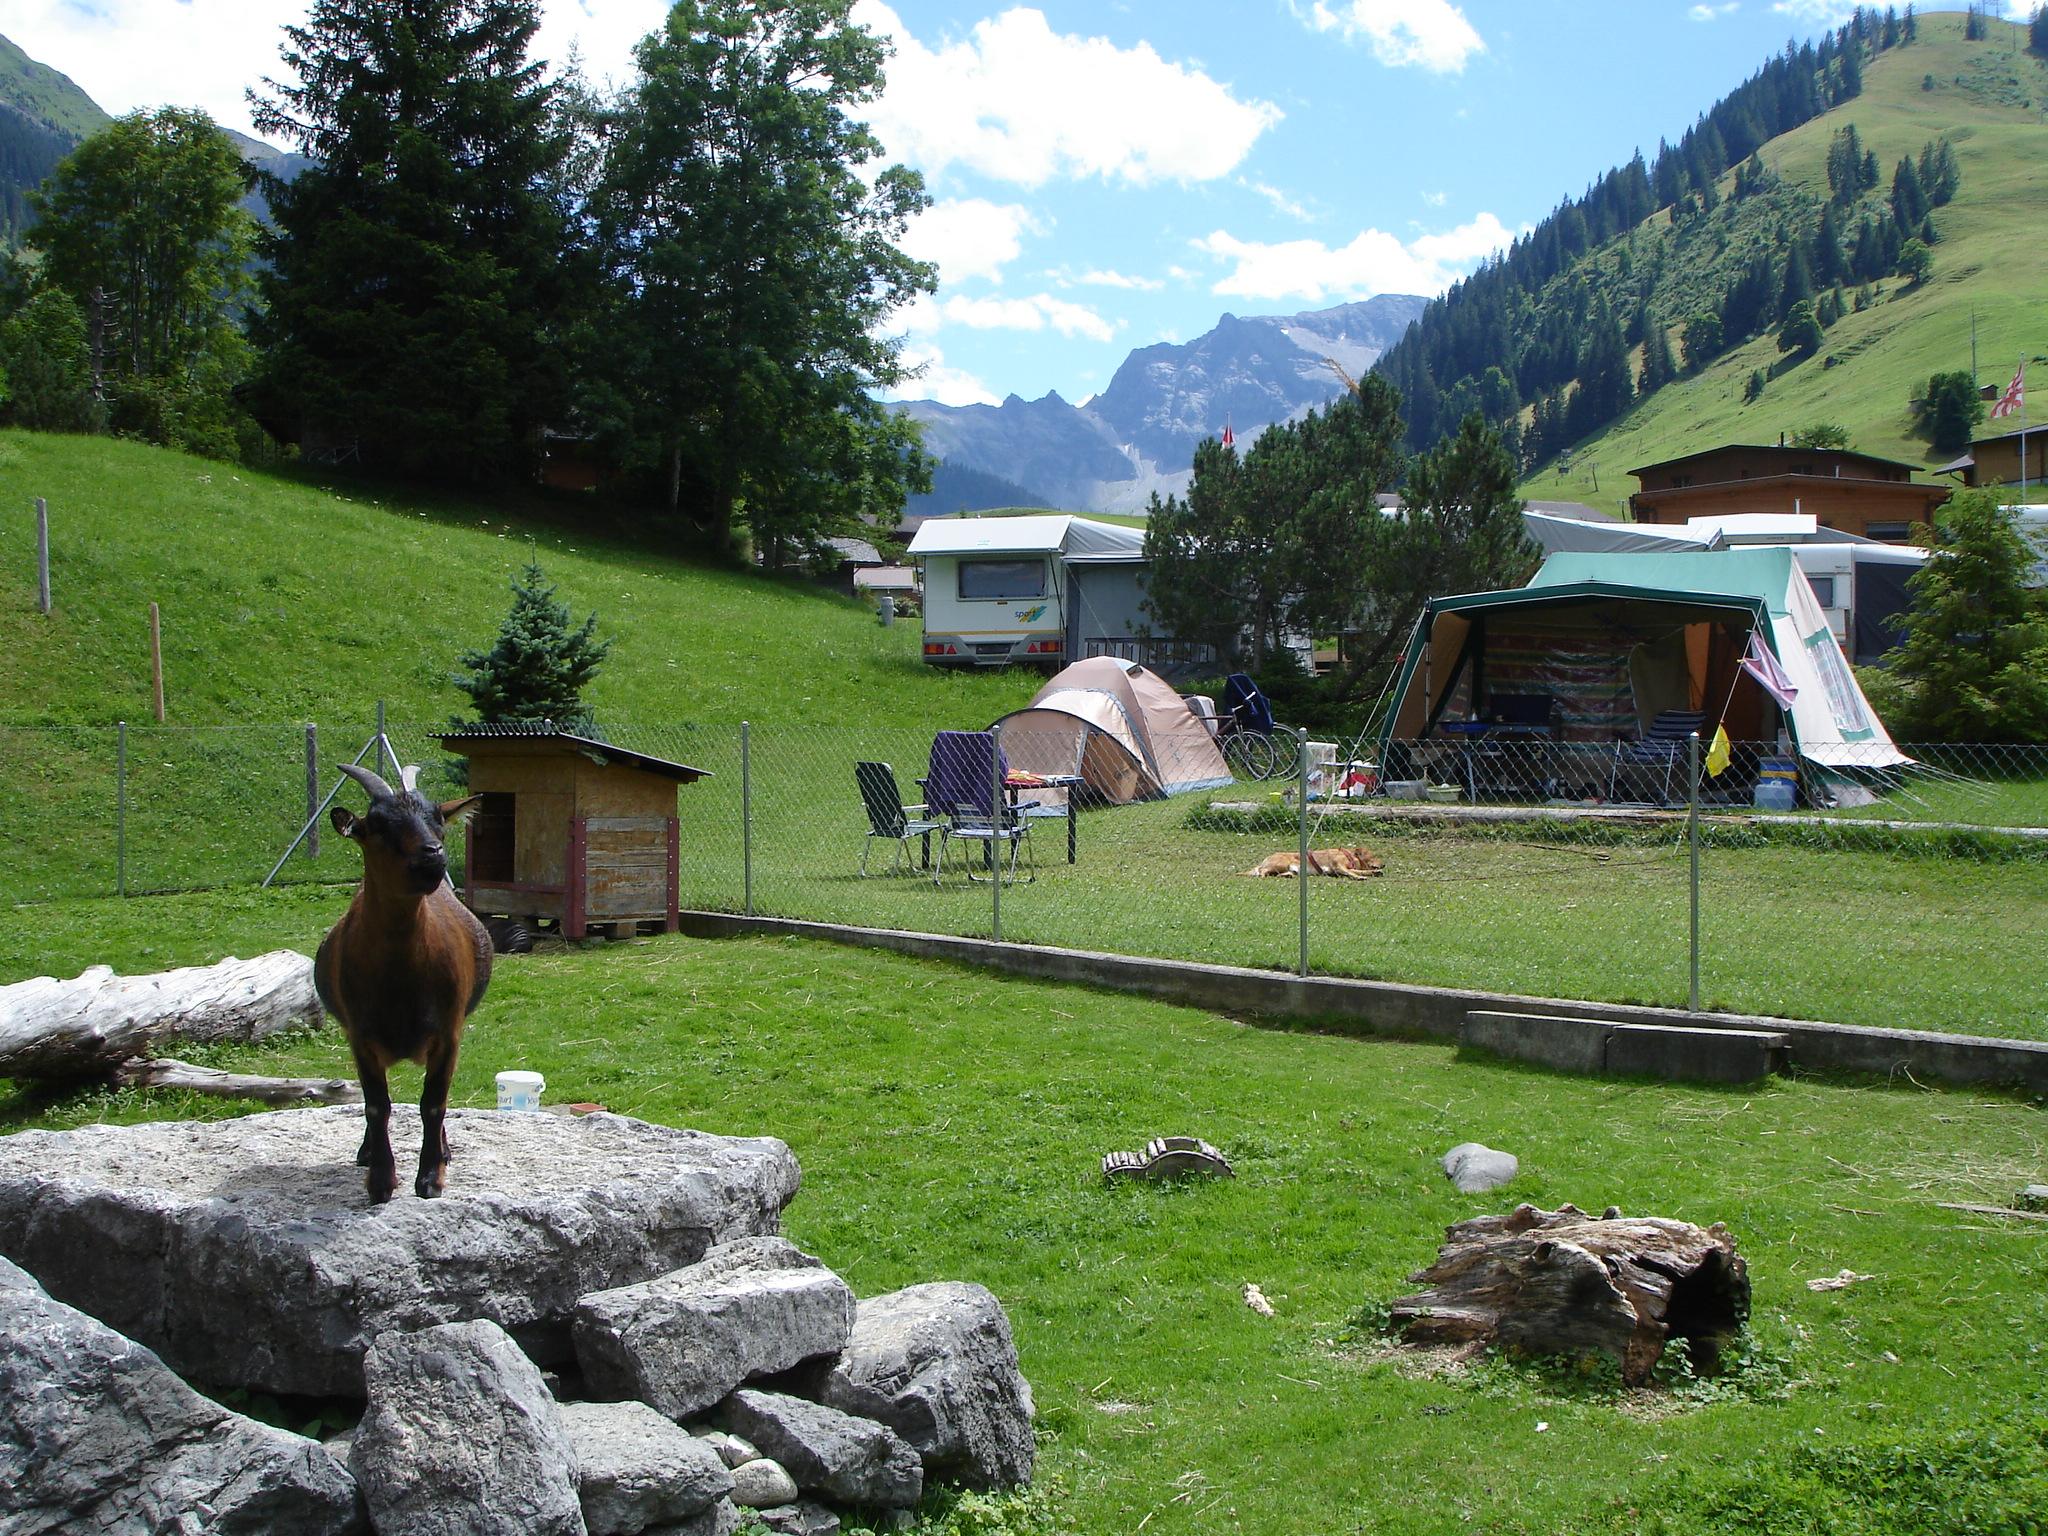 Camping Eggmatte GmbH